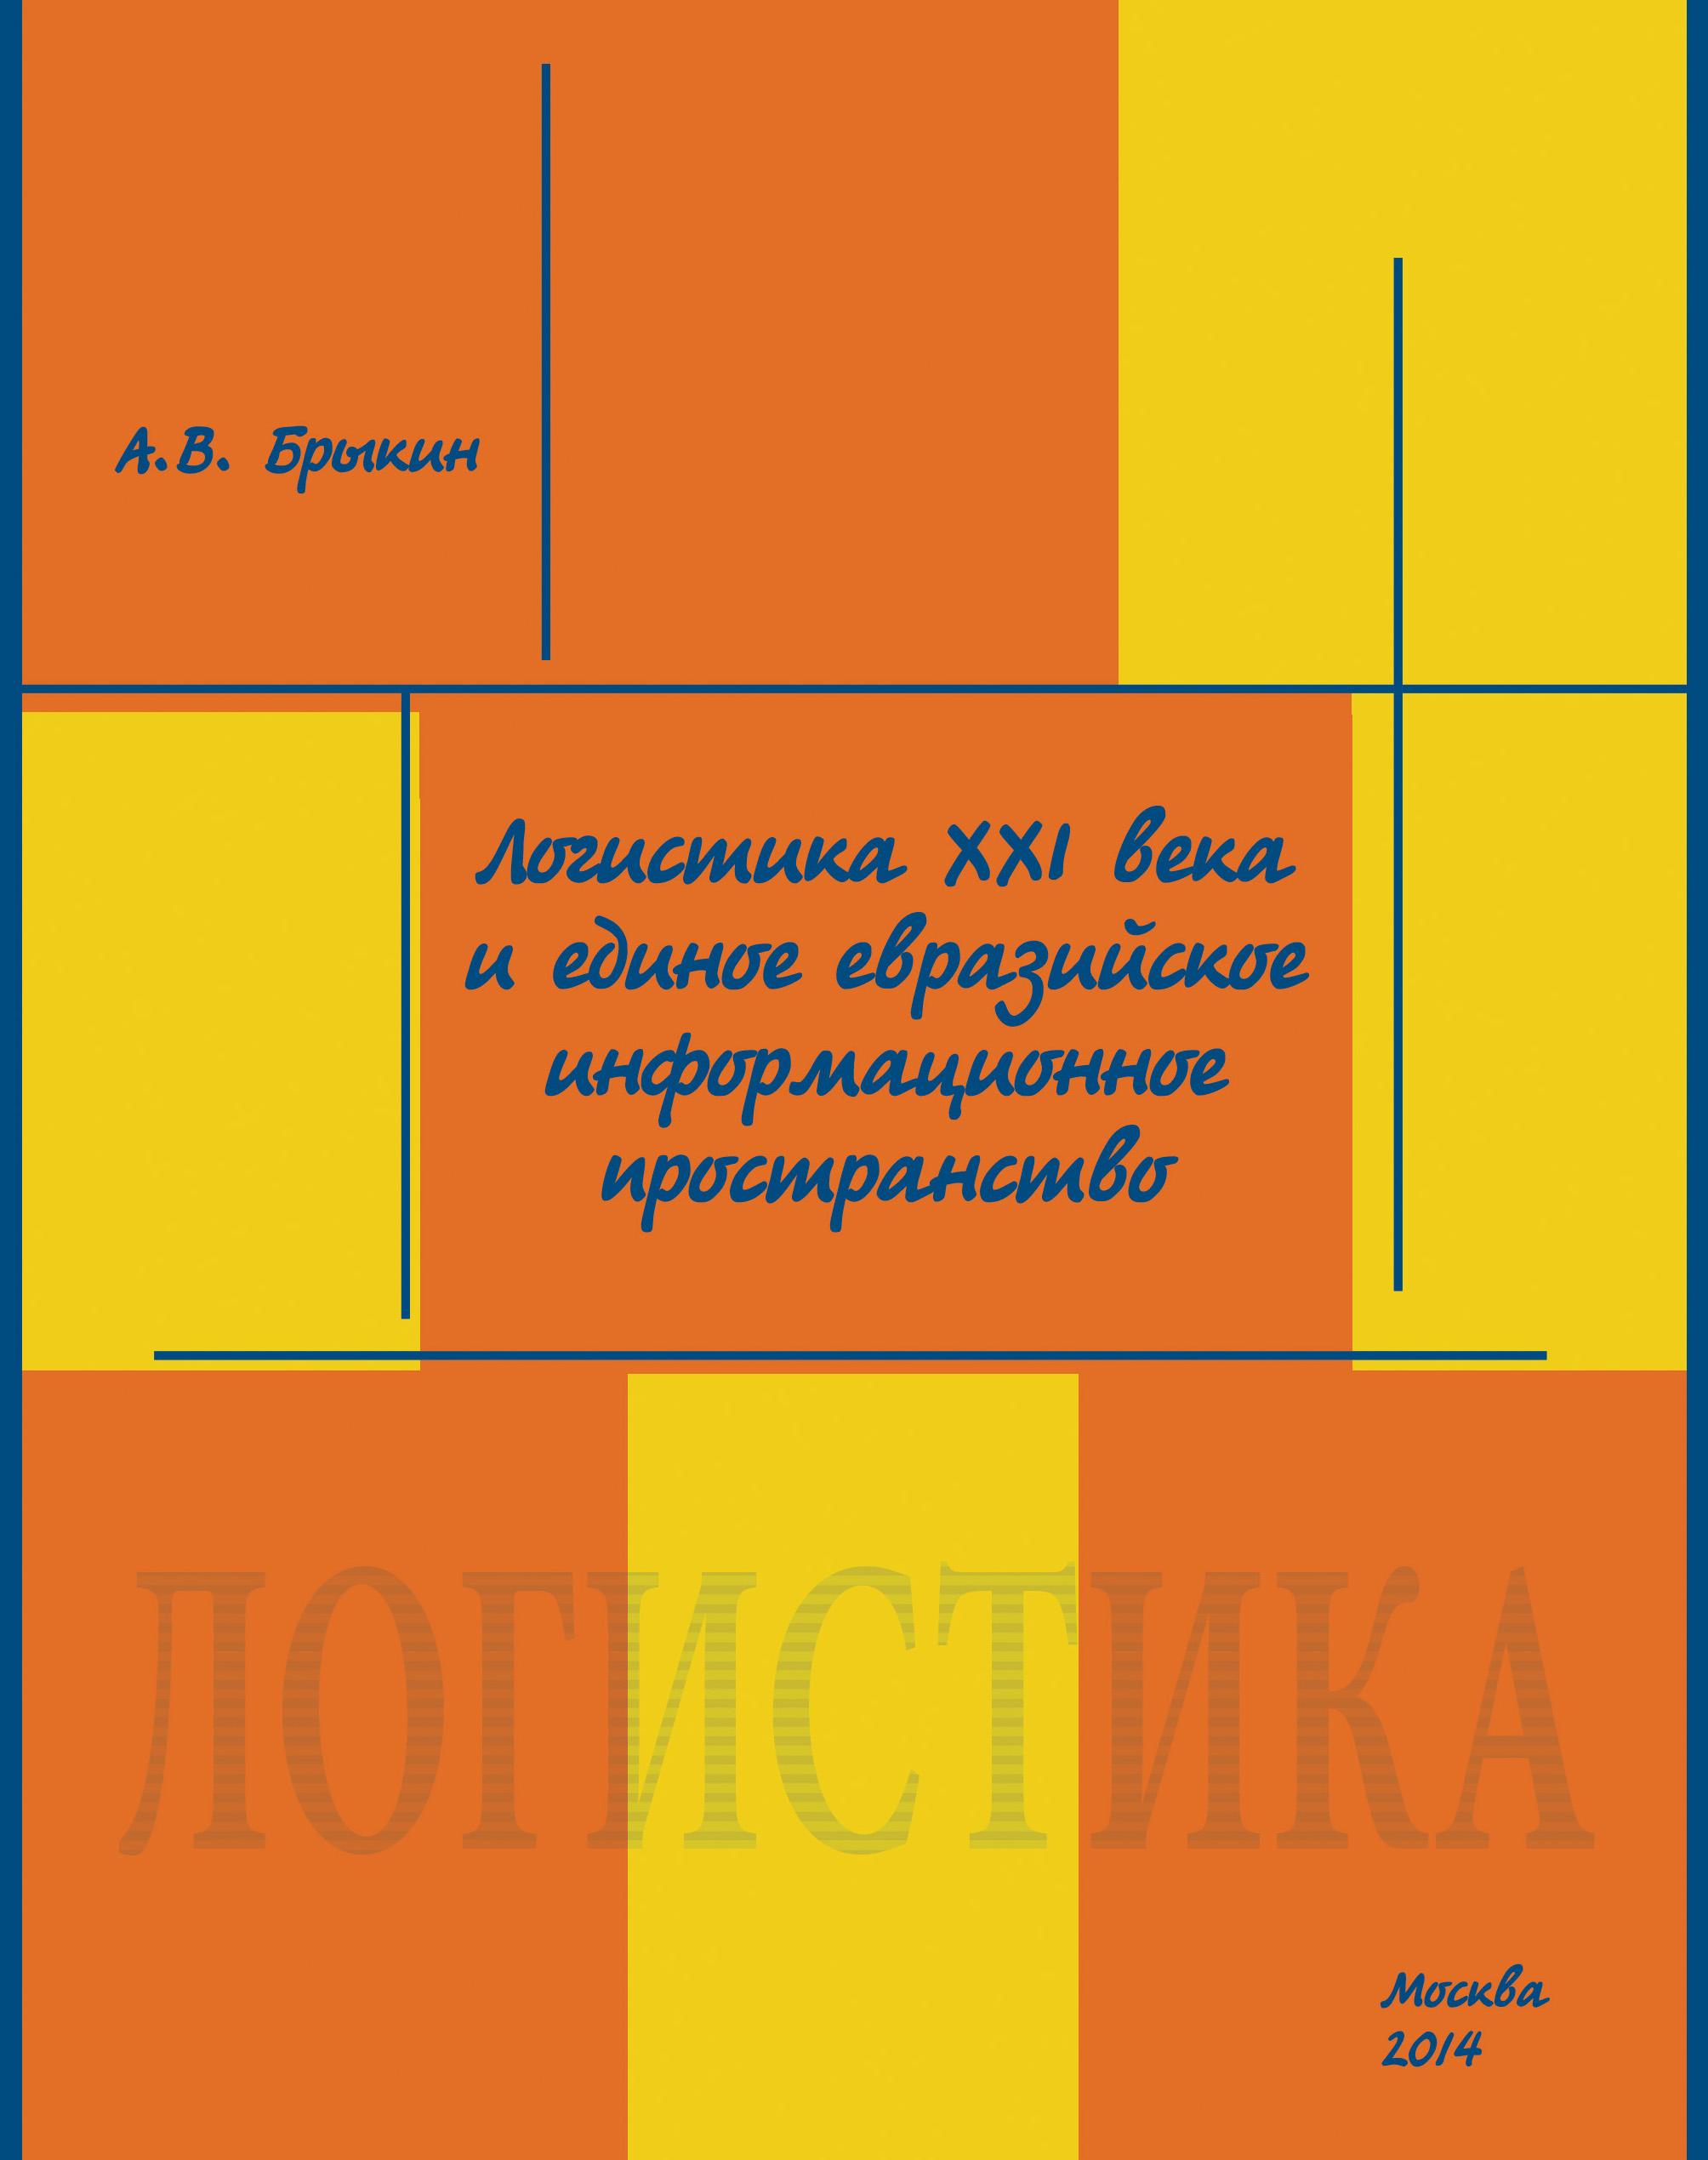 фото обложки издания Логистика XXI века и единое евразийское информационное пространство